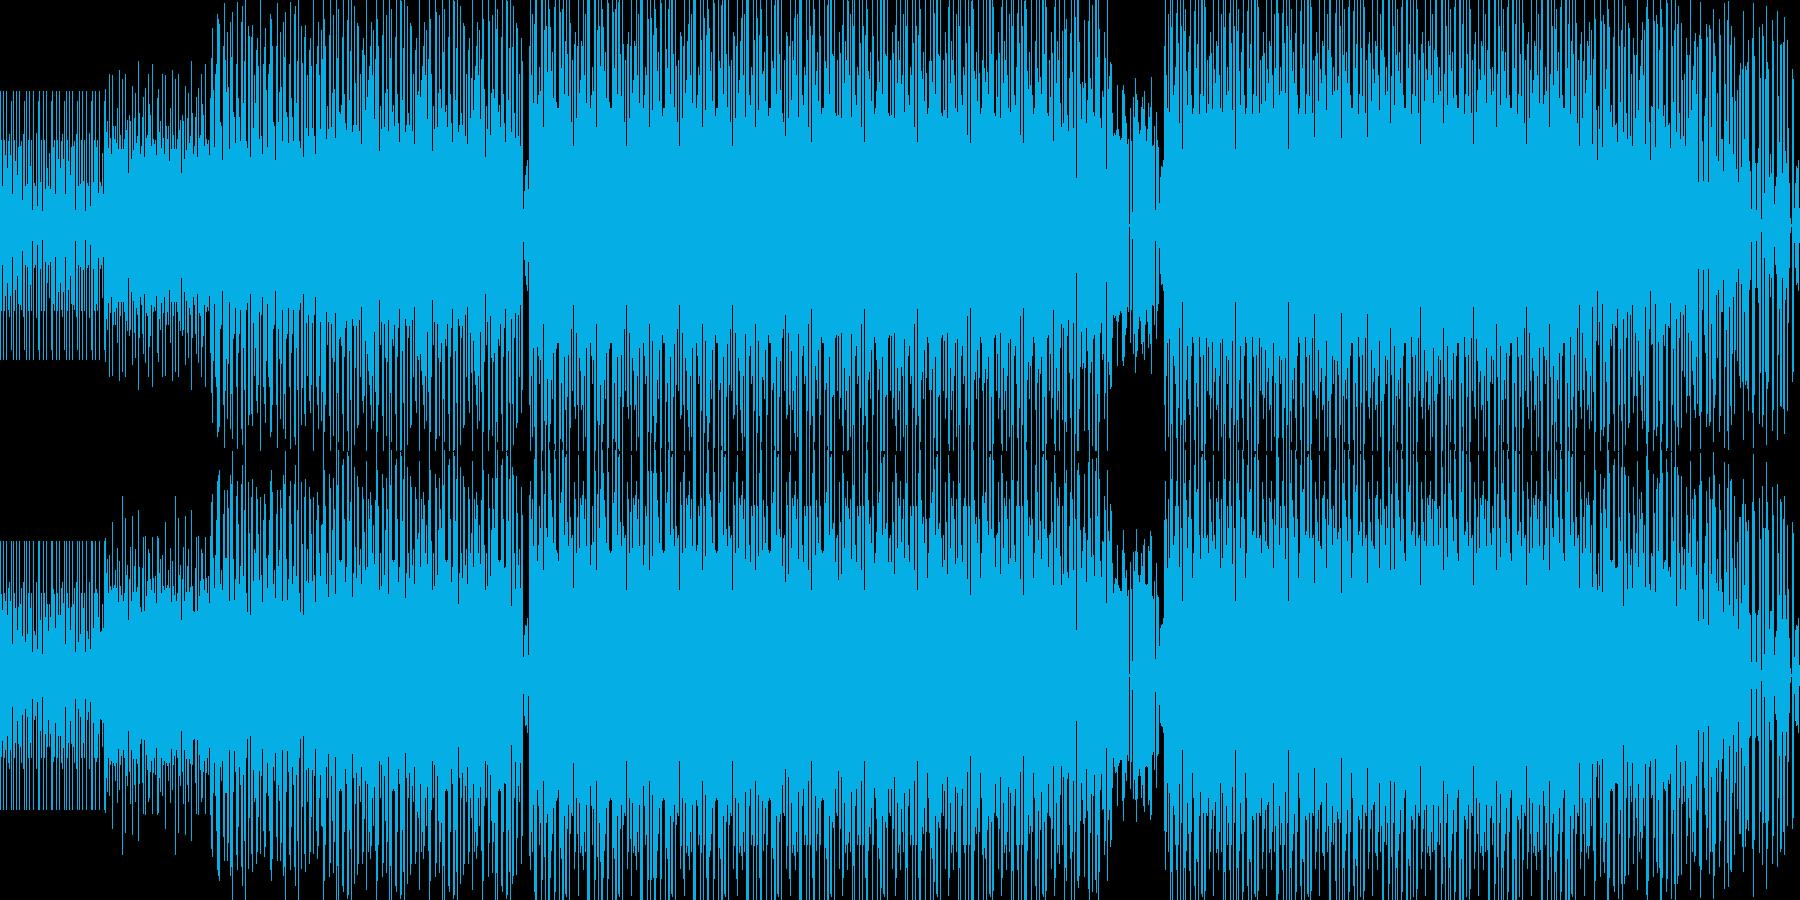 ニューレイブBGM(NuRave)の再生済みの波形